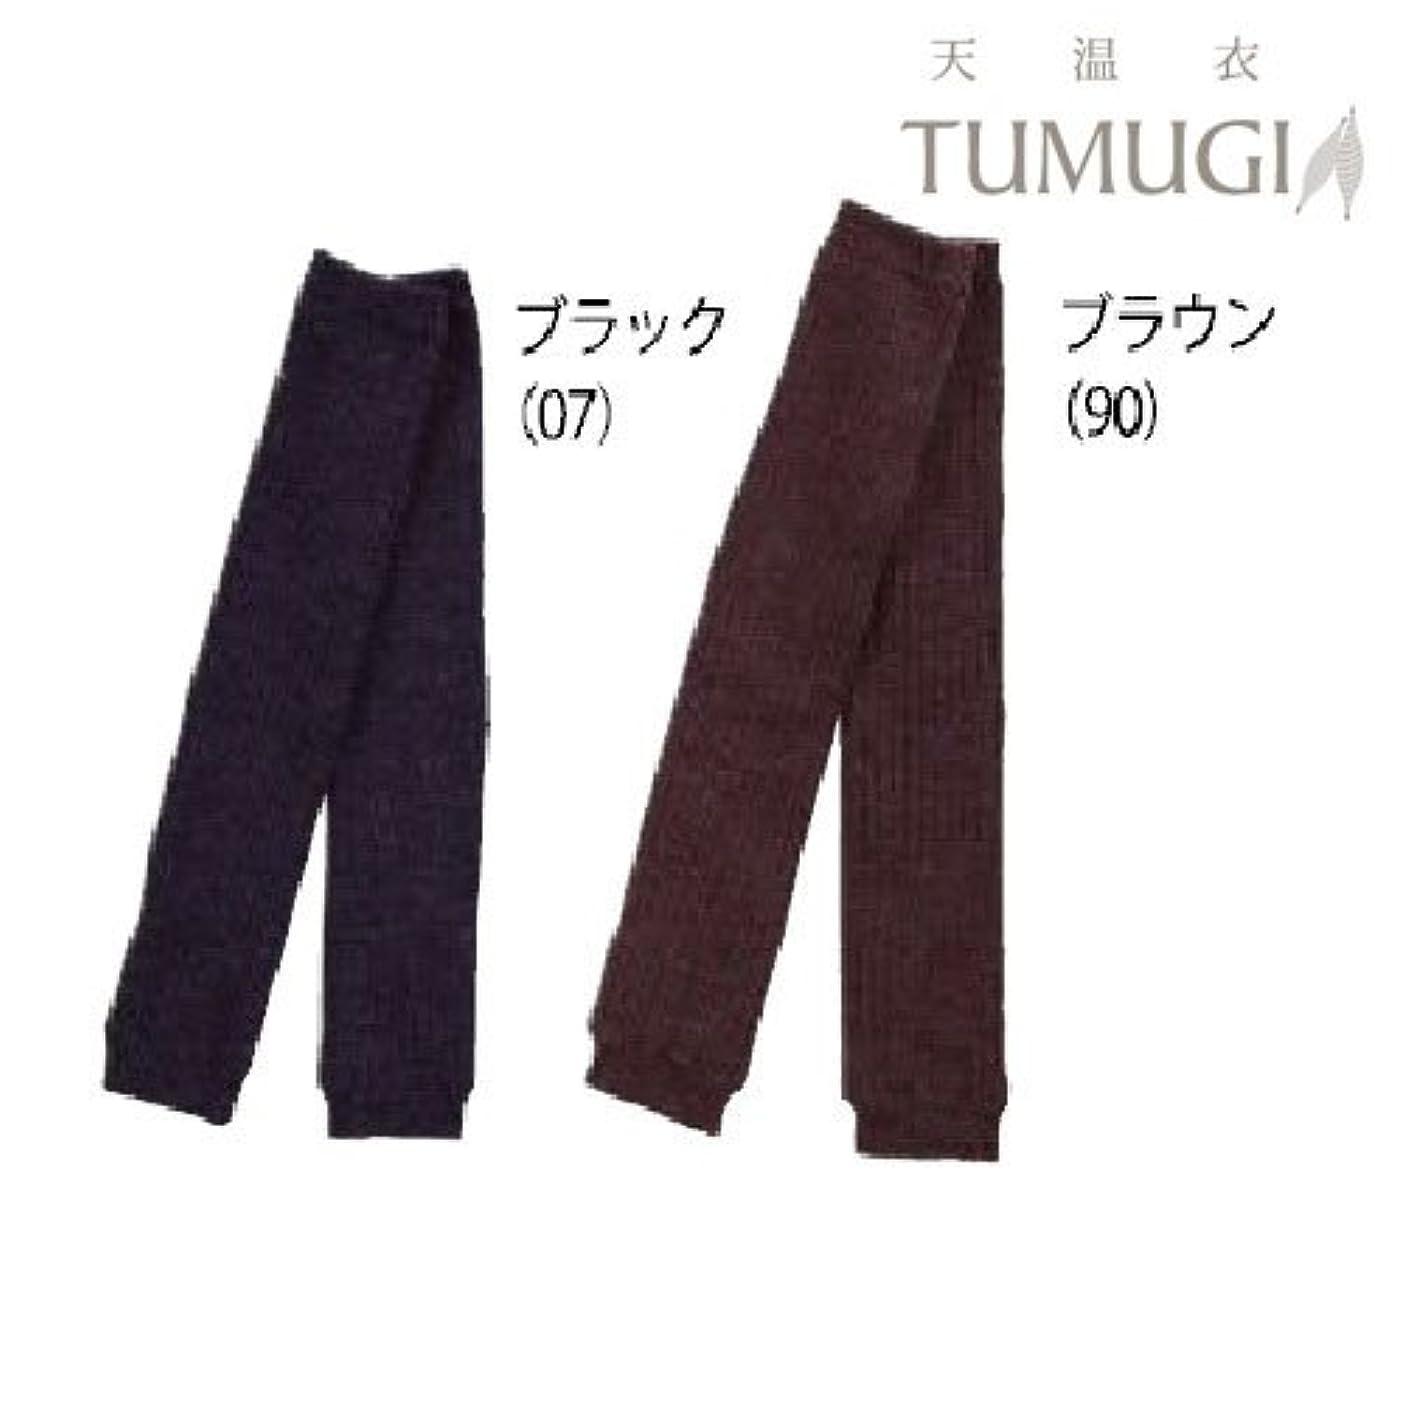 じゃがいもジョイントジョイント天温衣TUMUGI  ウールとシルクの2重編みレッグウォーマー (ブラウン(茶))